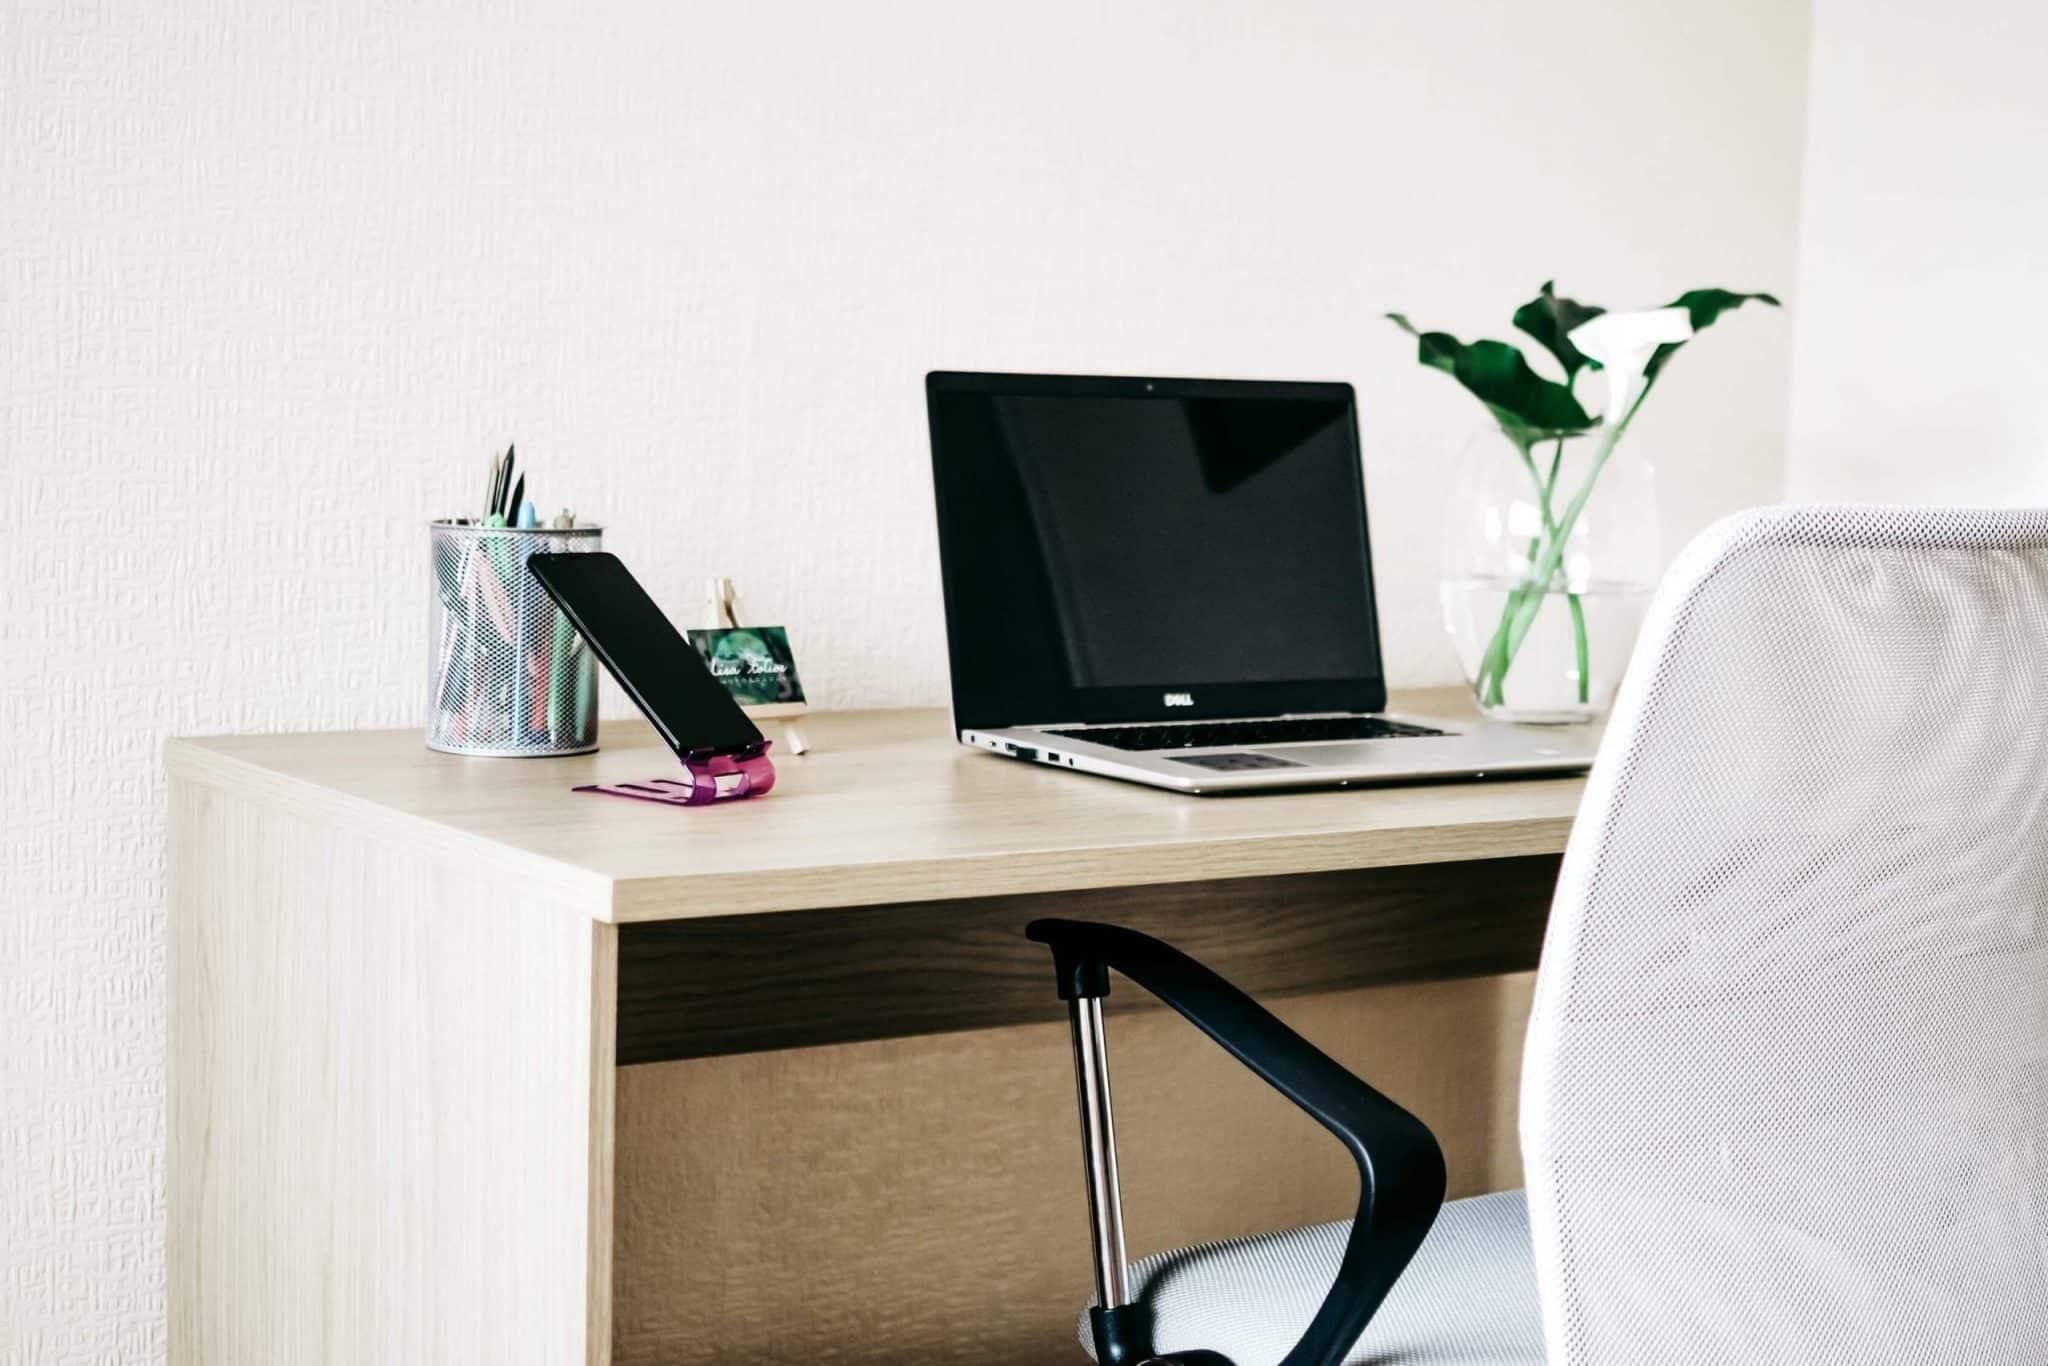 Primer kako moze da izgleda kucna kancelarija